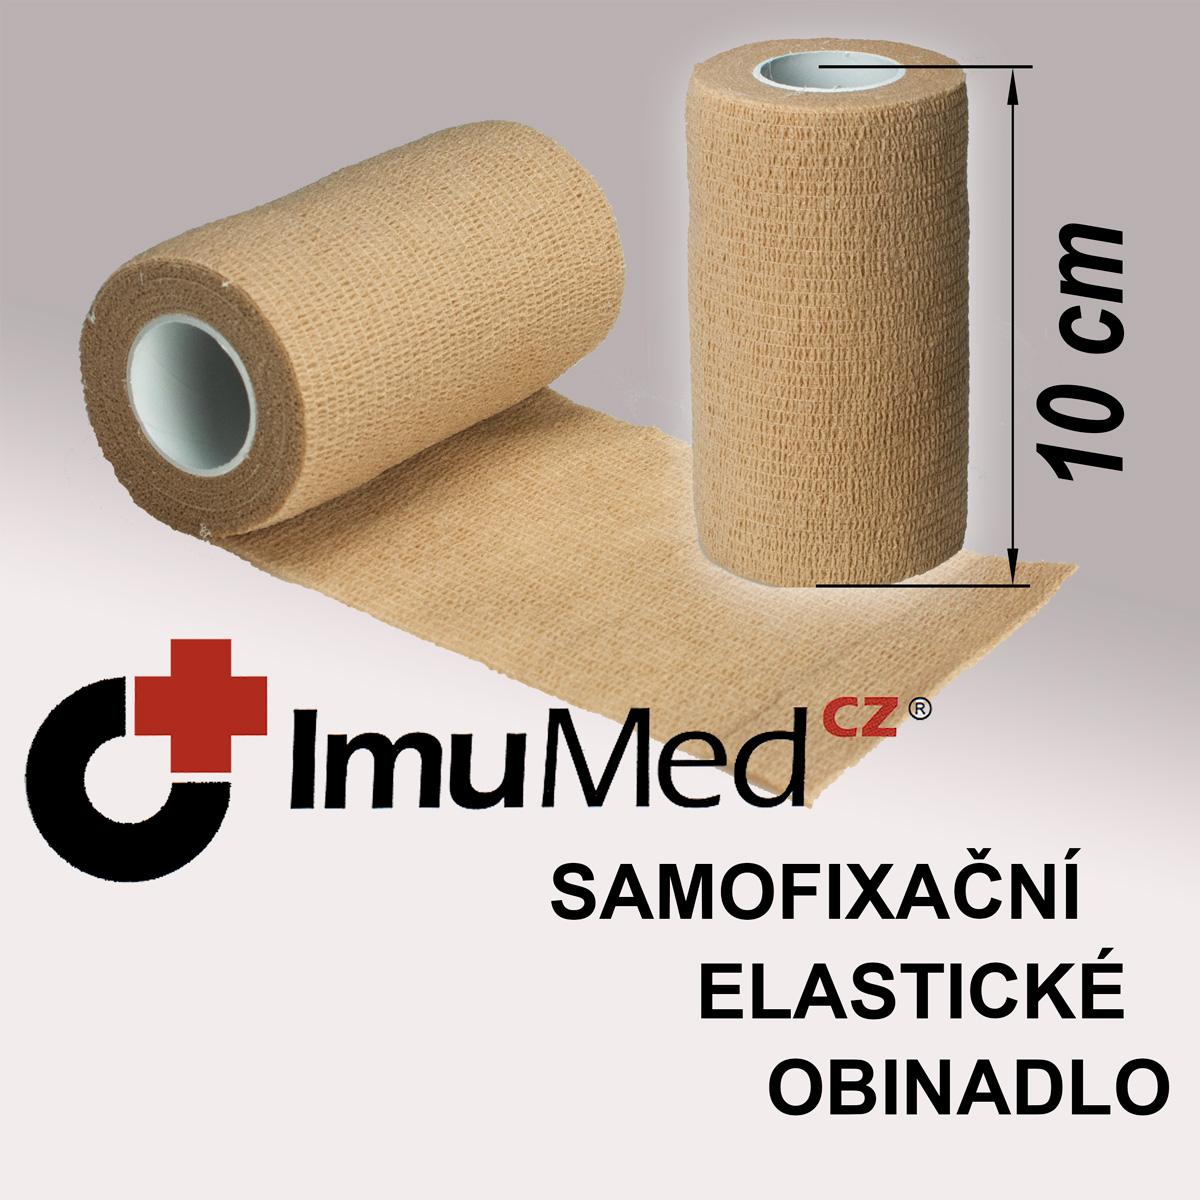 ImuMedCZ samofixační elastické obinadlo 10 cm x 4,5 m TĚLOVÁ barva ImuMedCZ samofixační elastické obinadlo 10 cm x 4,5 m TĚLOVÁ barva